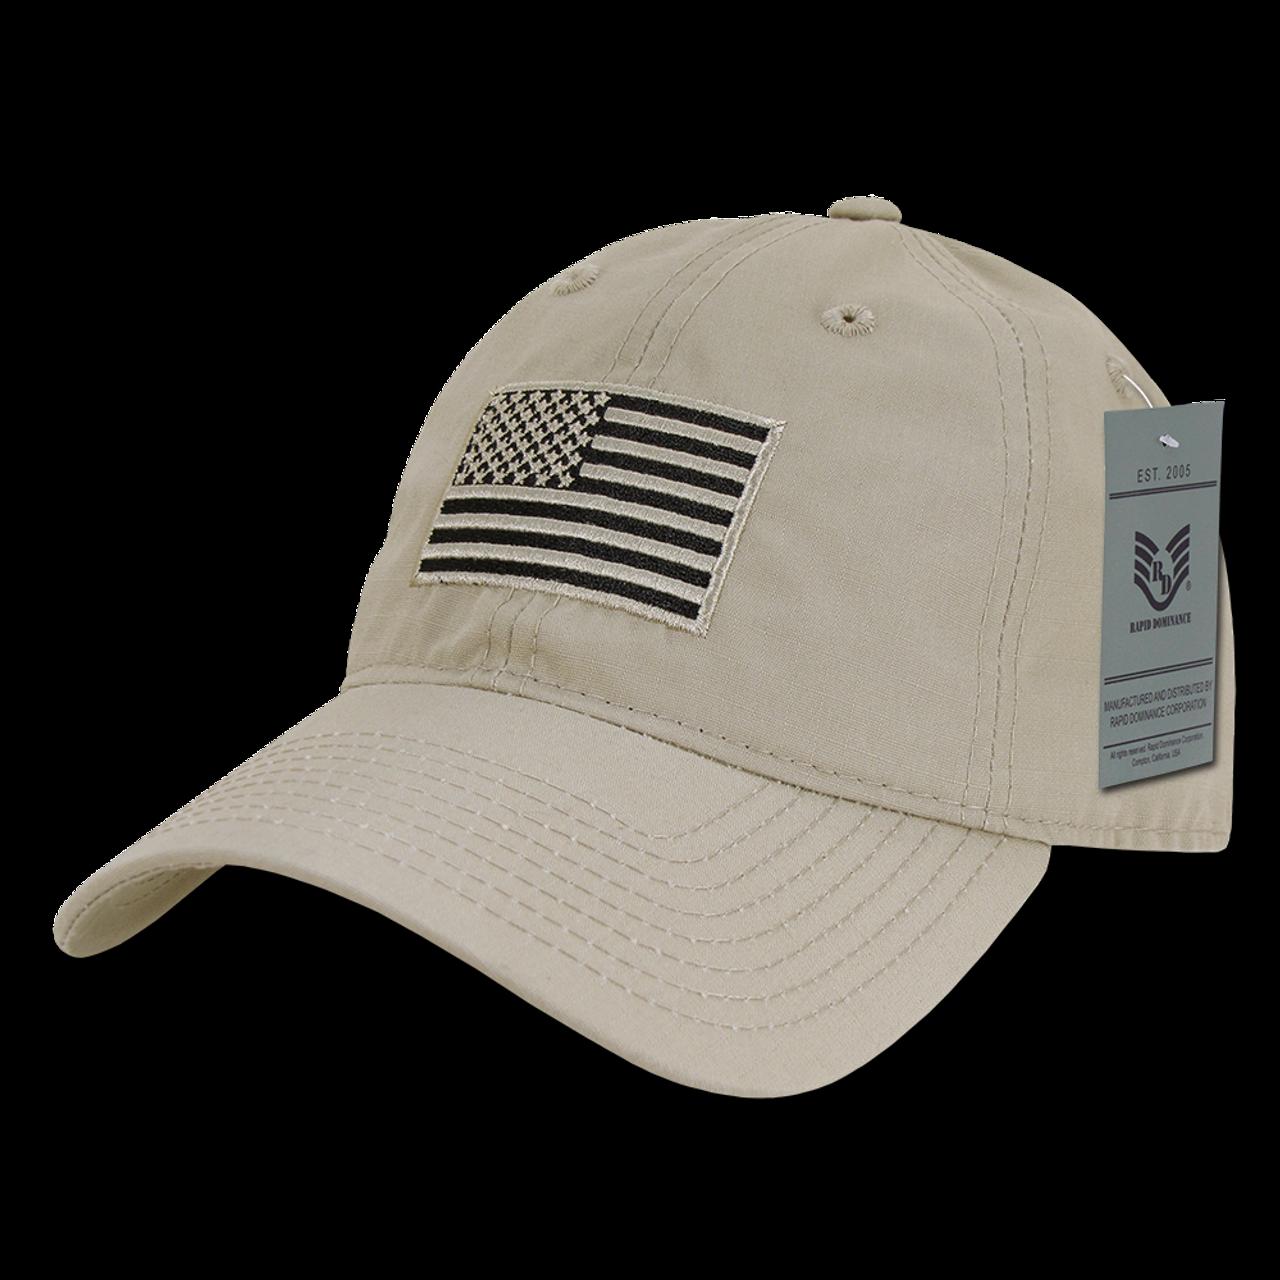 7a29400098e12 ... S73 - USA Flag Cap - Relaxed Ripstop - Cotton - Khaki ...